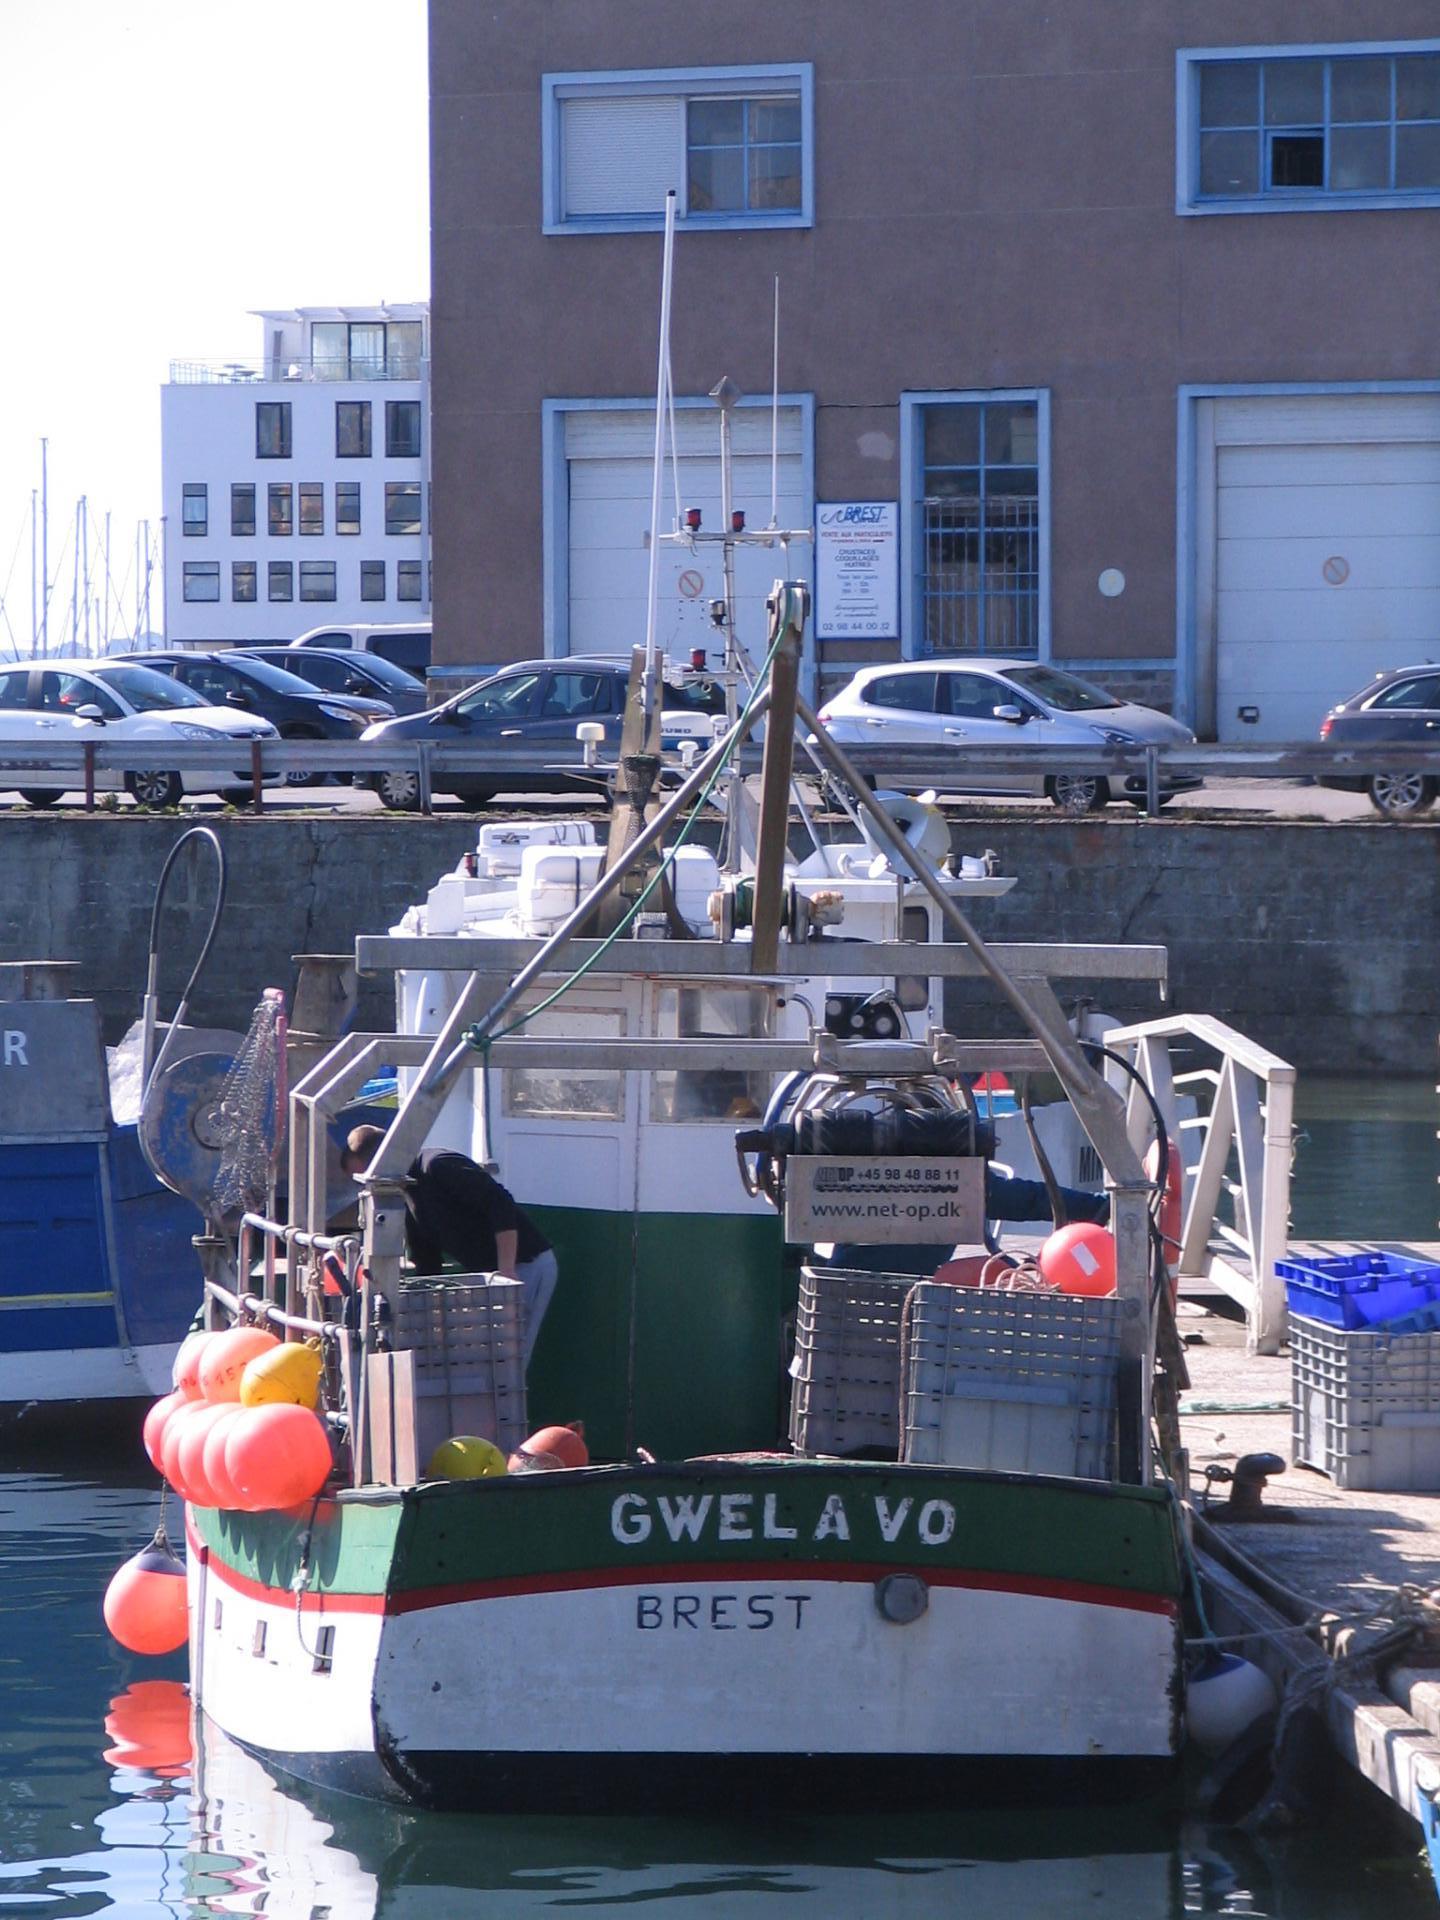 Gwel a vo br176153 5